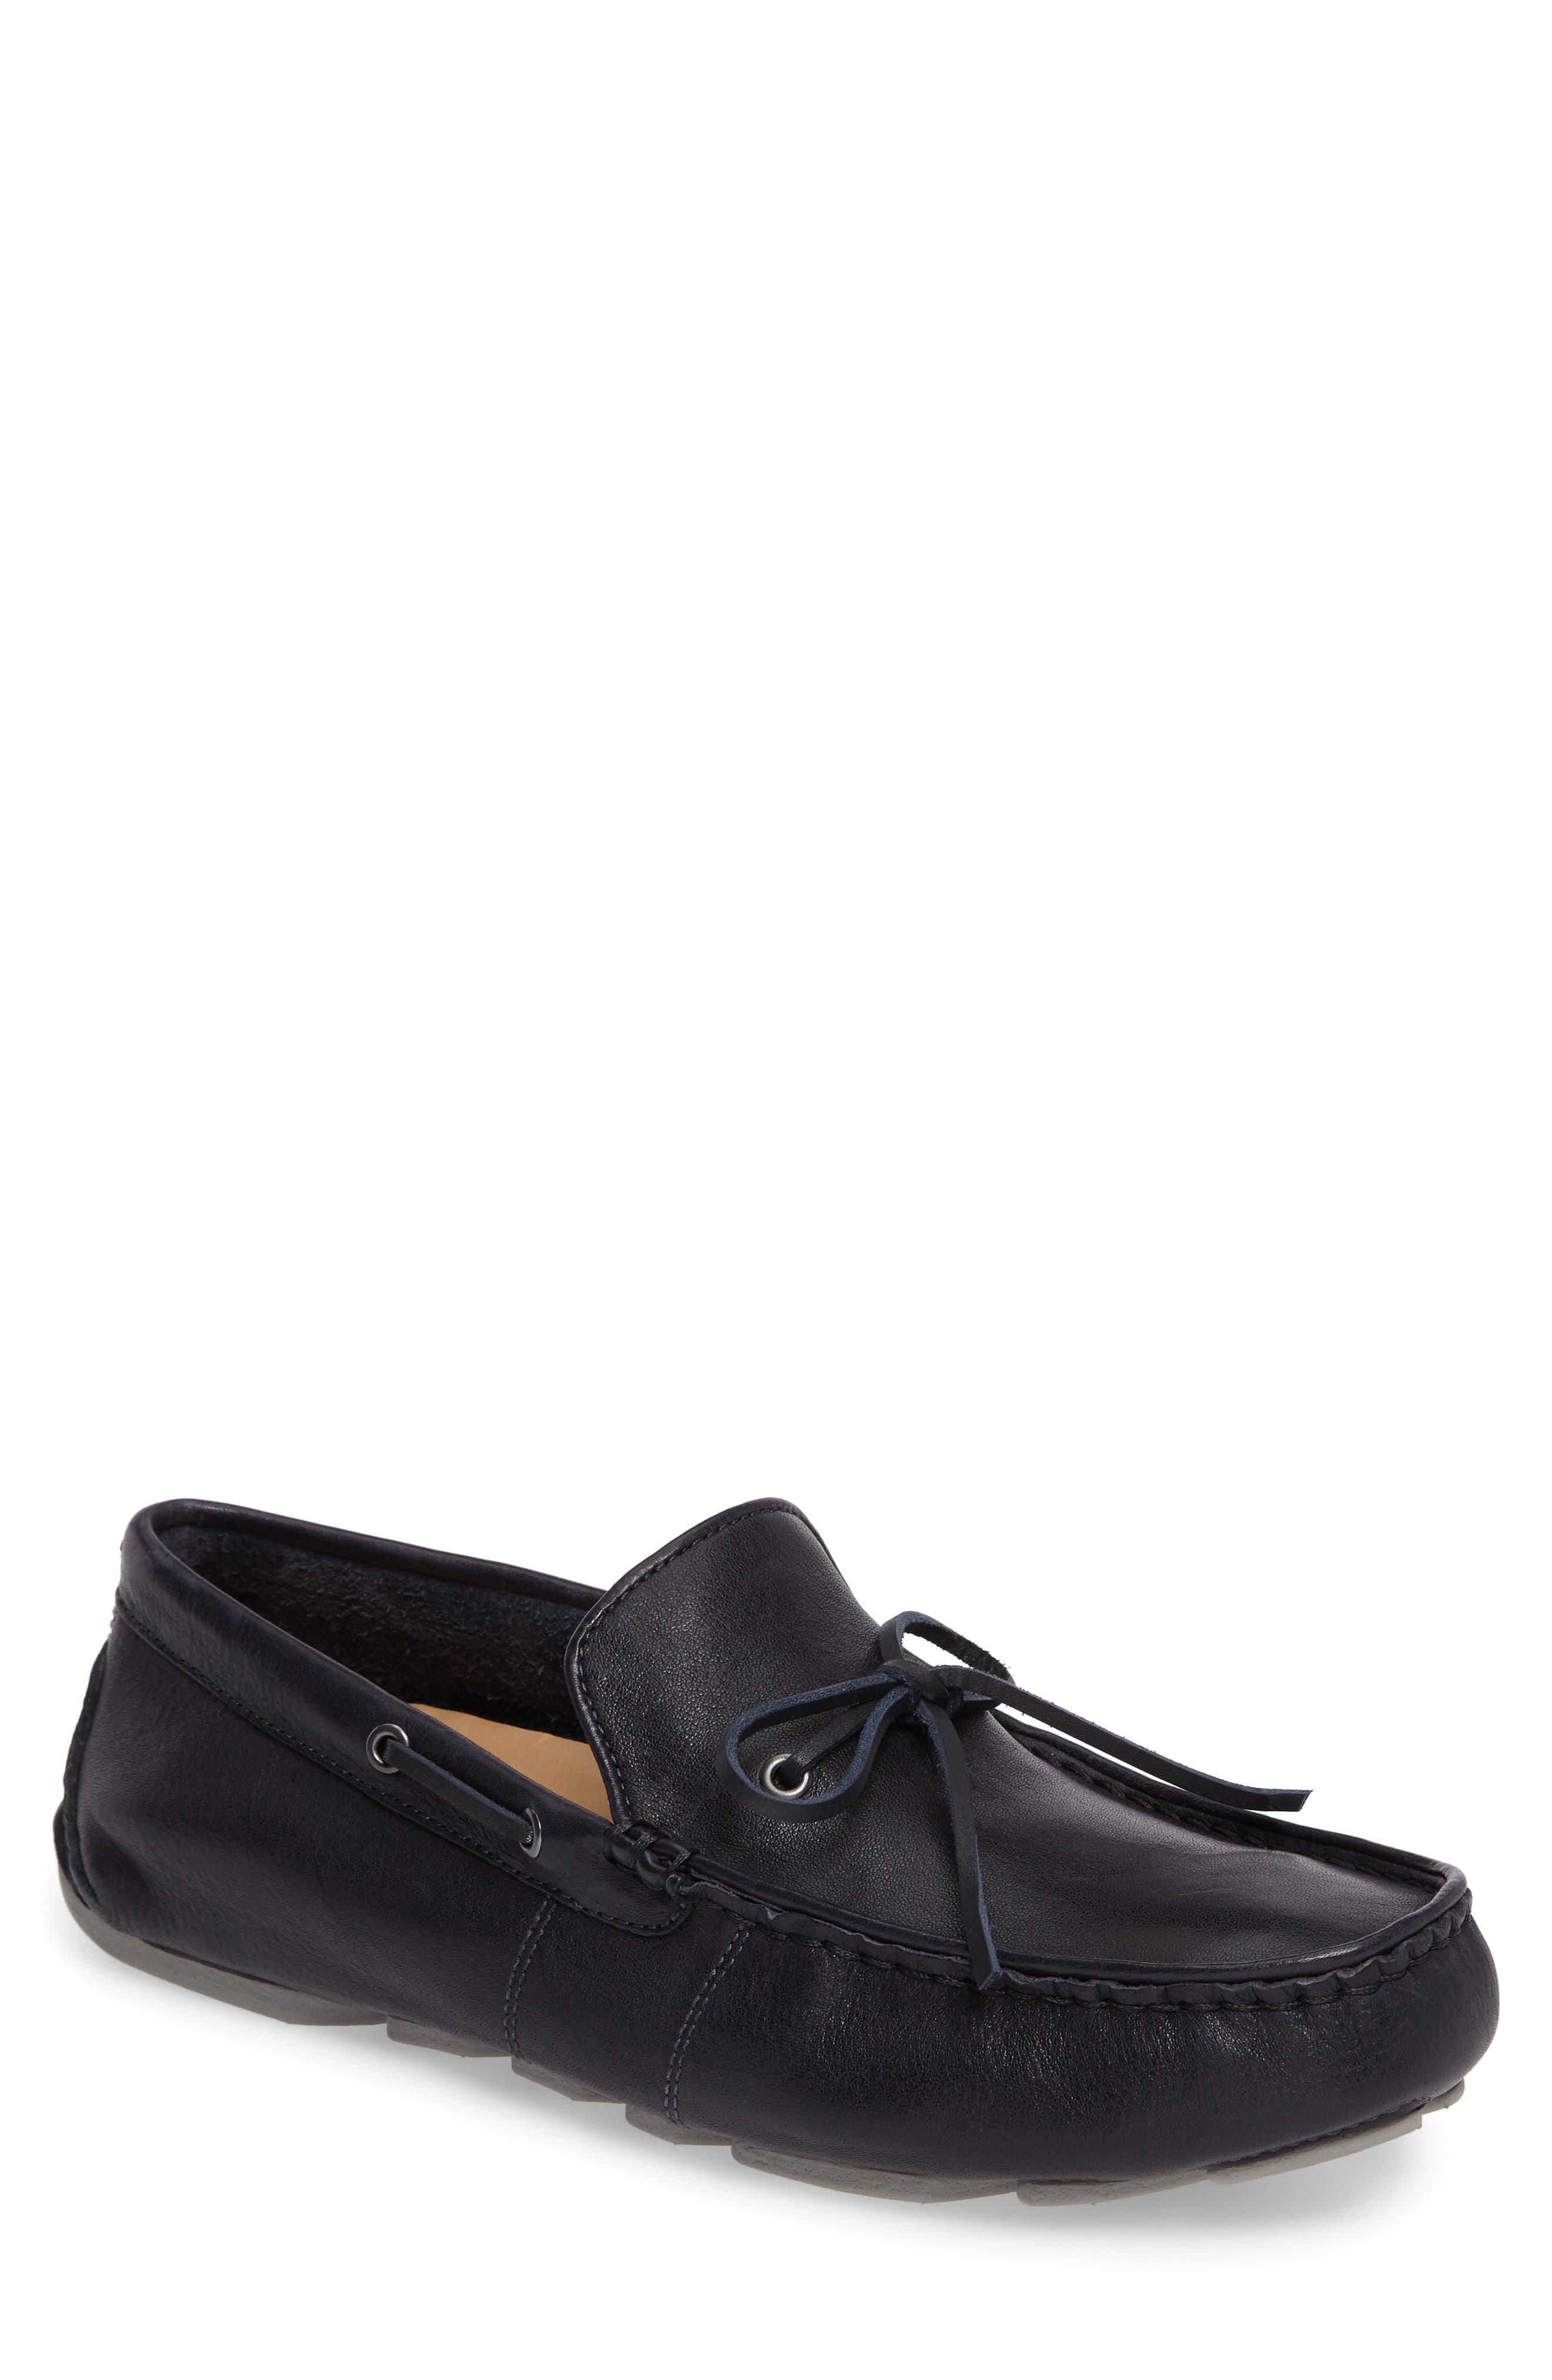 Main Image - UGG® Everton Driving Shoe (Men)